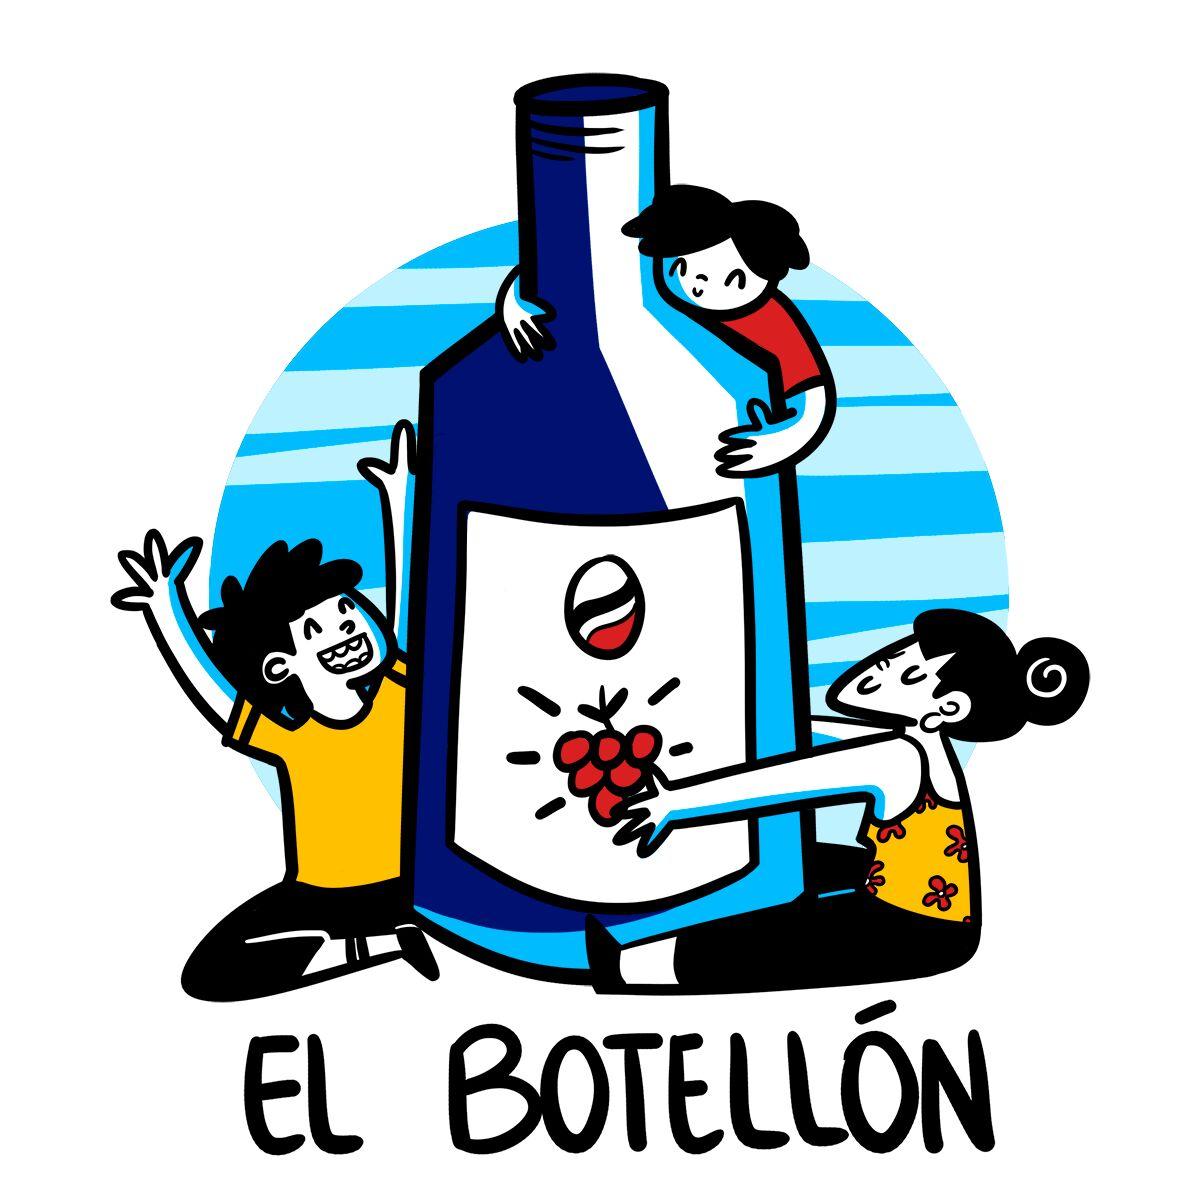 palavras engraçadas em espanhol botellon